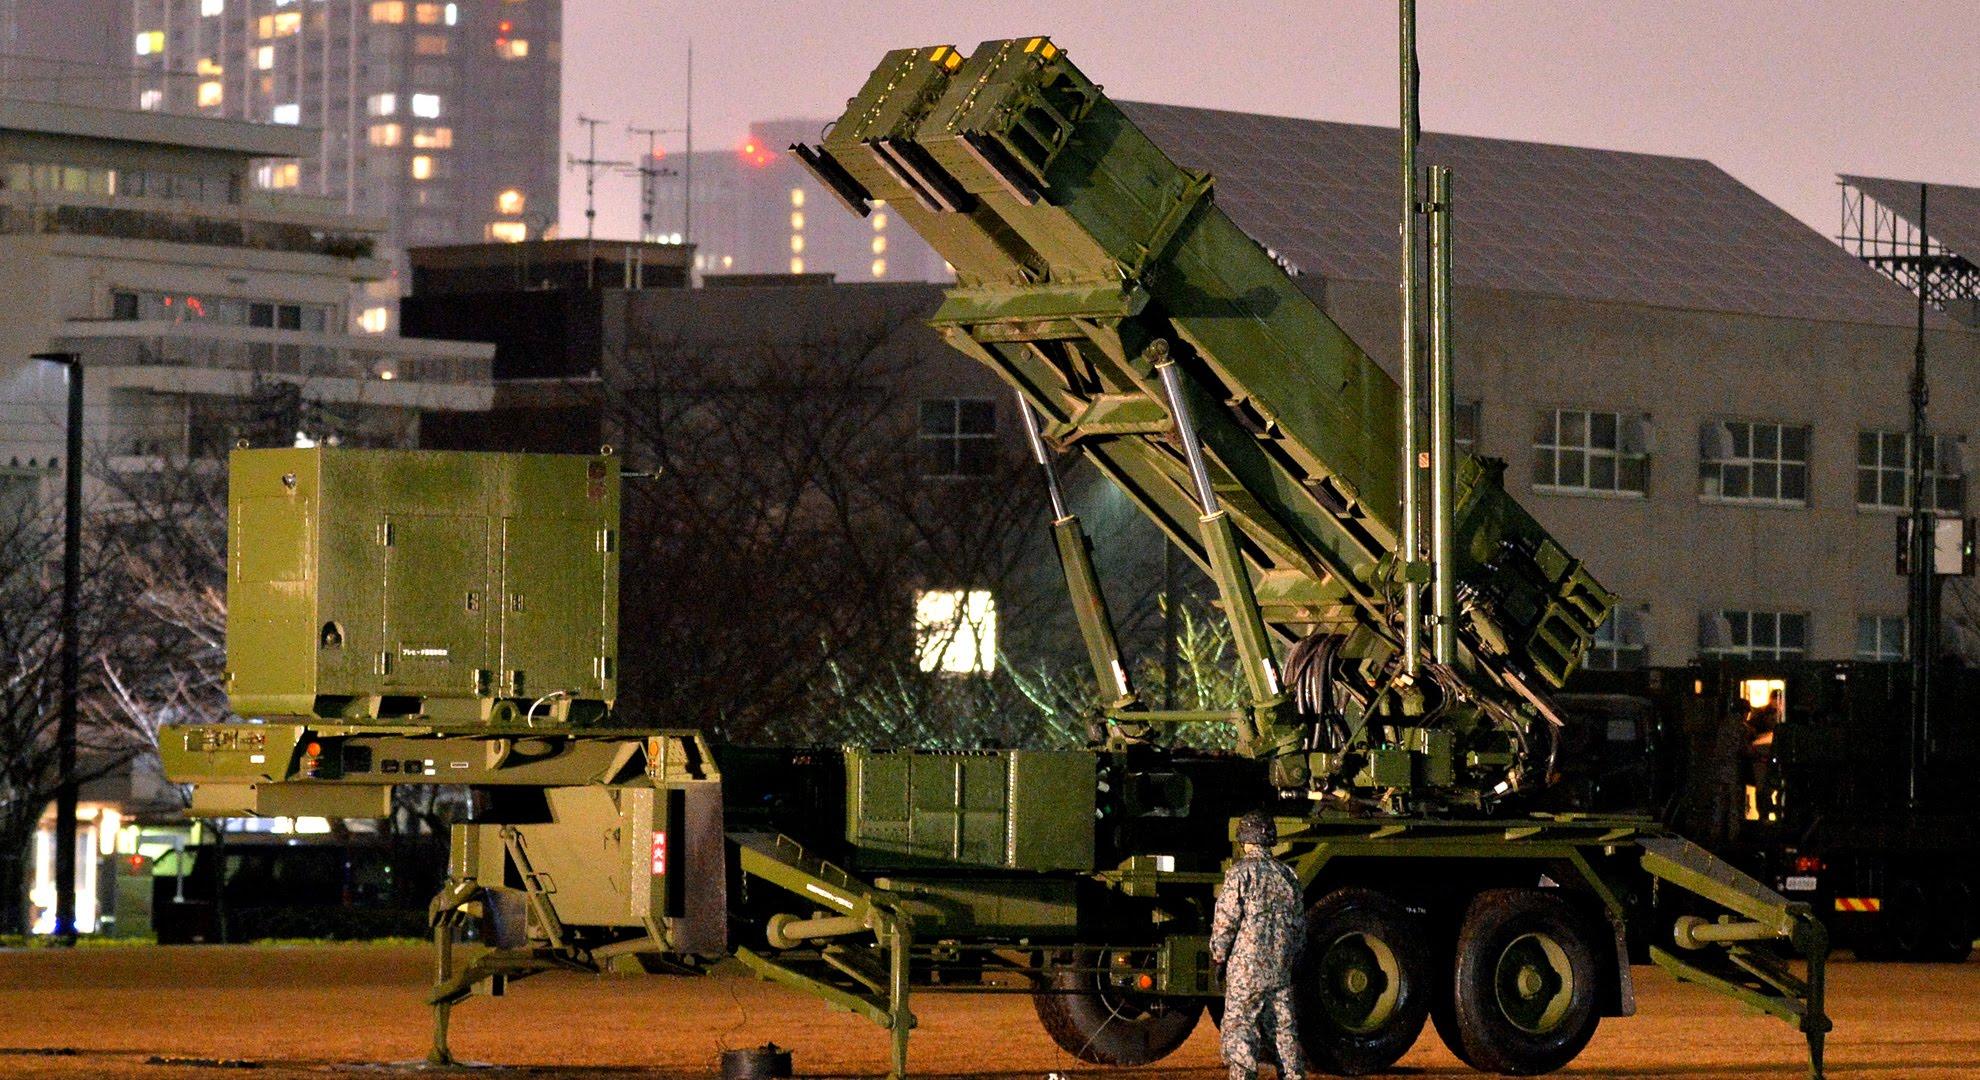 北朝鮮ミサイル発射―日本のどこに落ちる?落ちたらどうする?地下が一番危険な理由